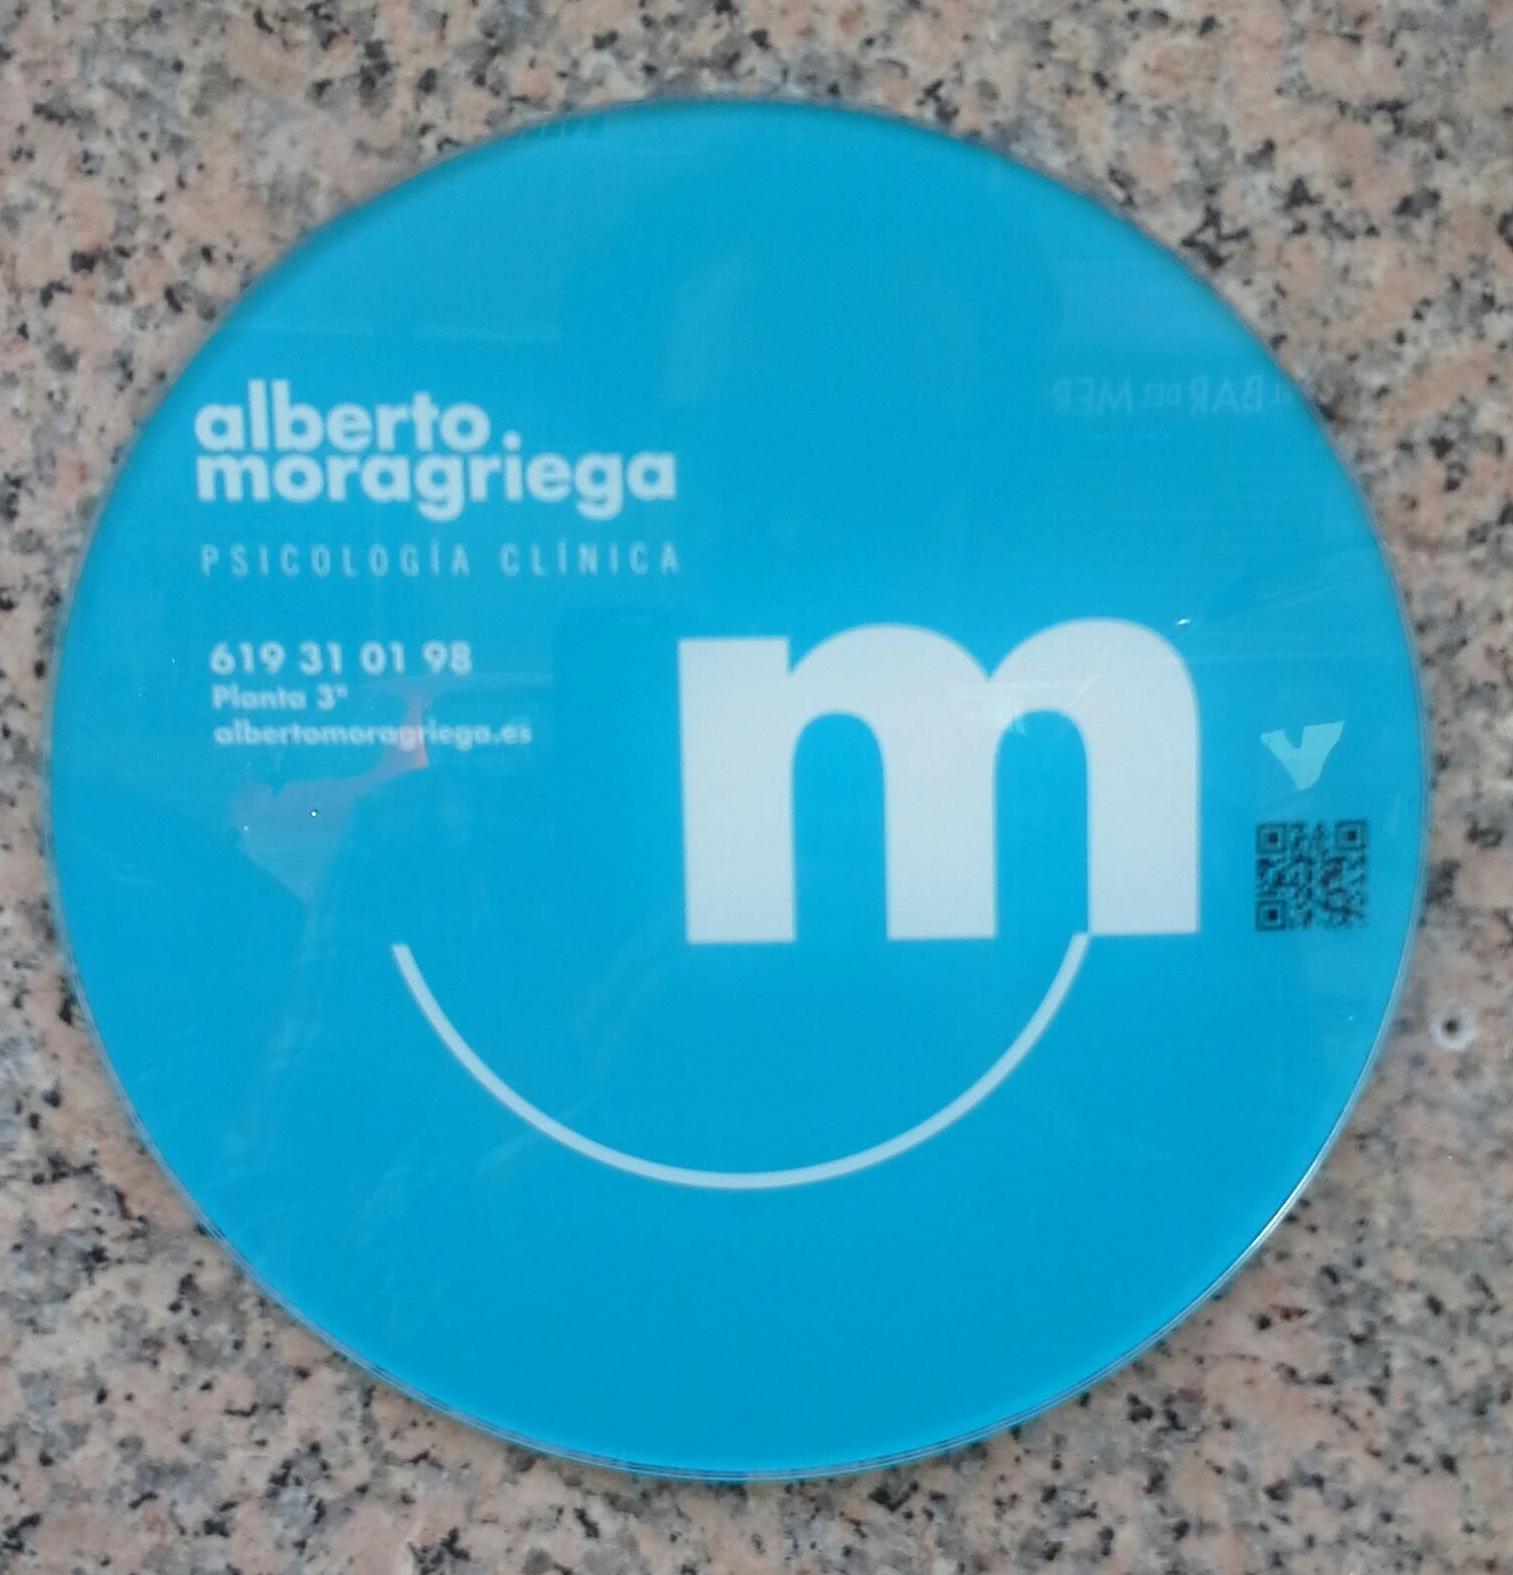 Foto 5 de Psicología en Elche | Alberto Moragriega. Psicología Clínica